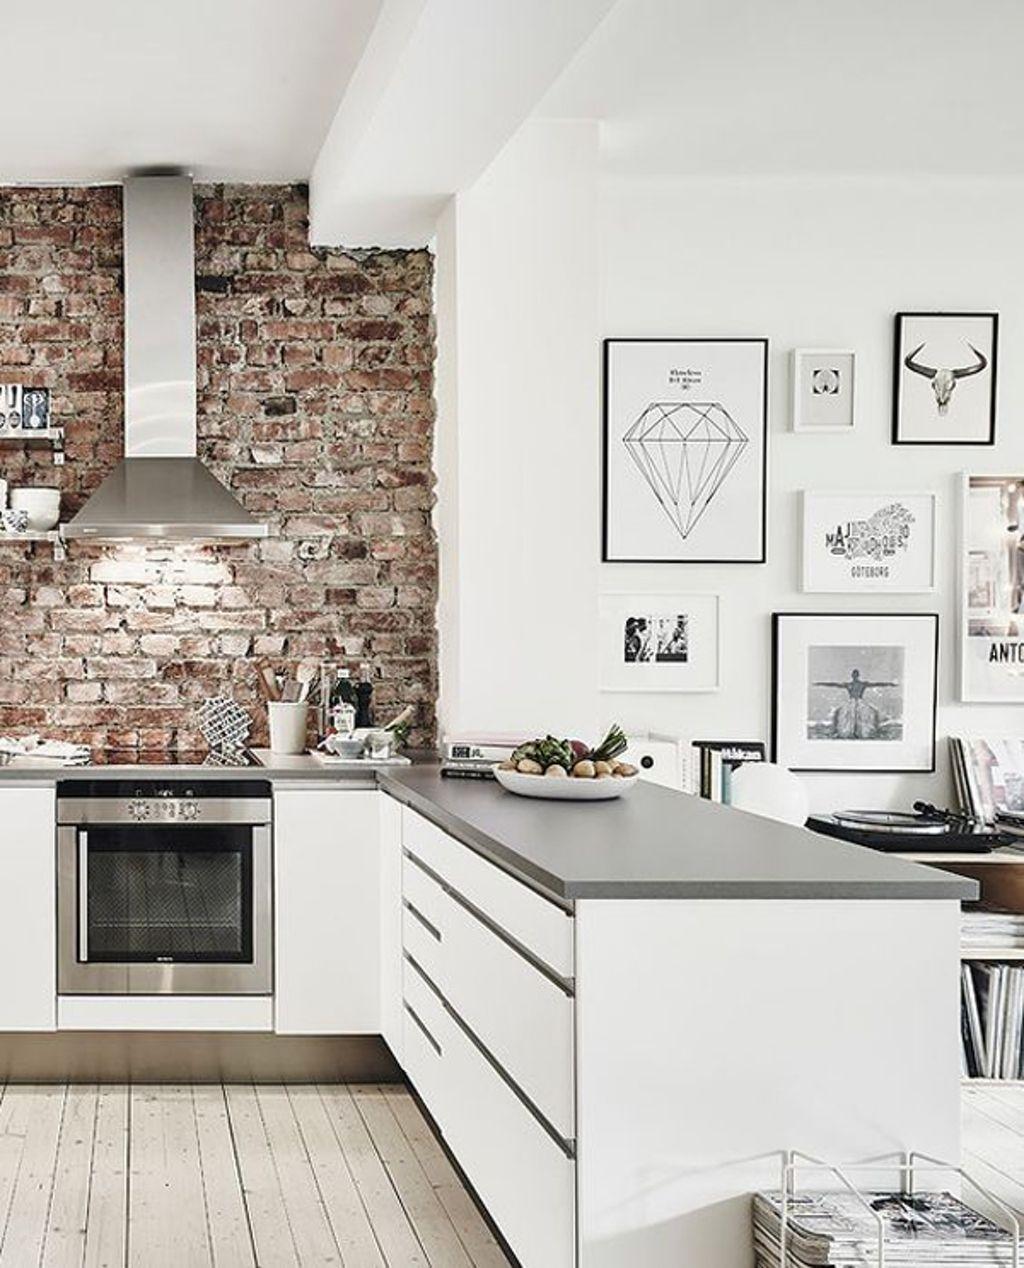 - 20 Brilliant Modern Kitchen With Brick Backsplash In 2020 Brick